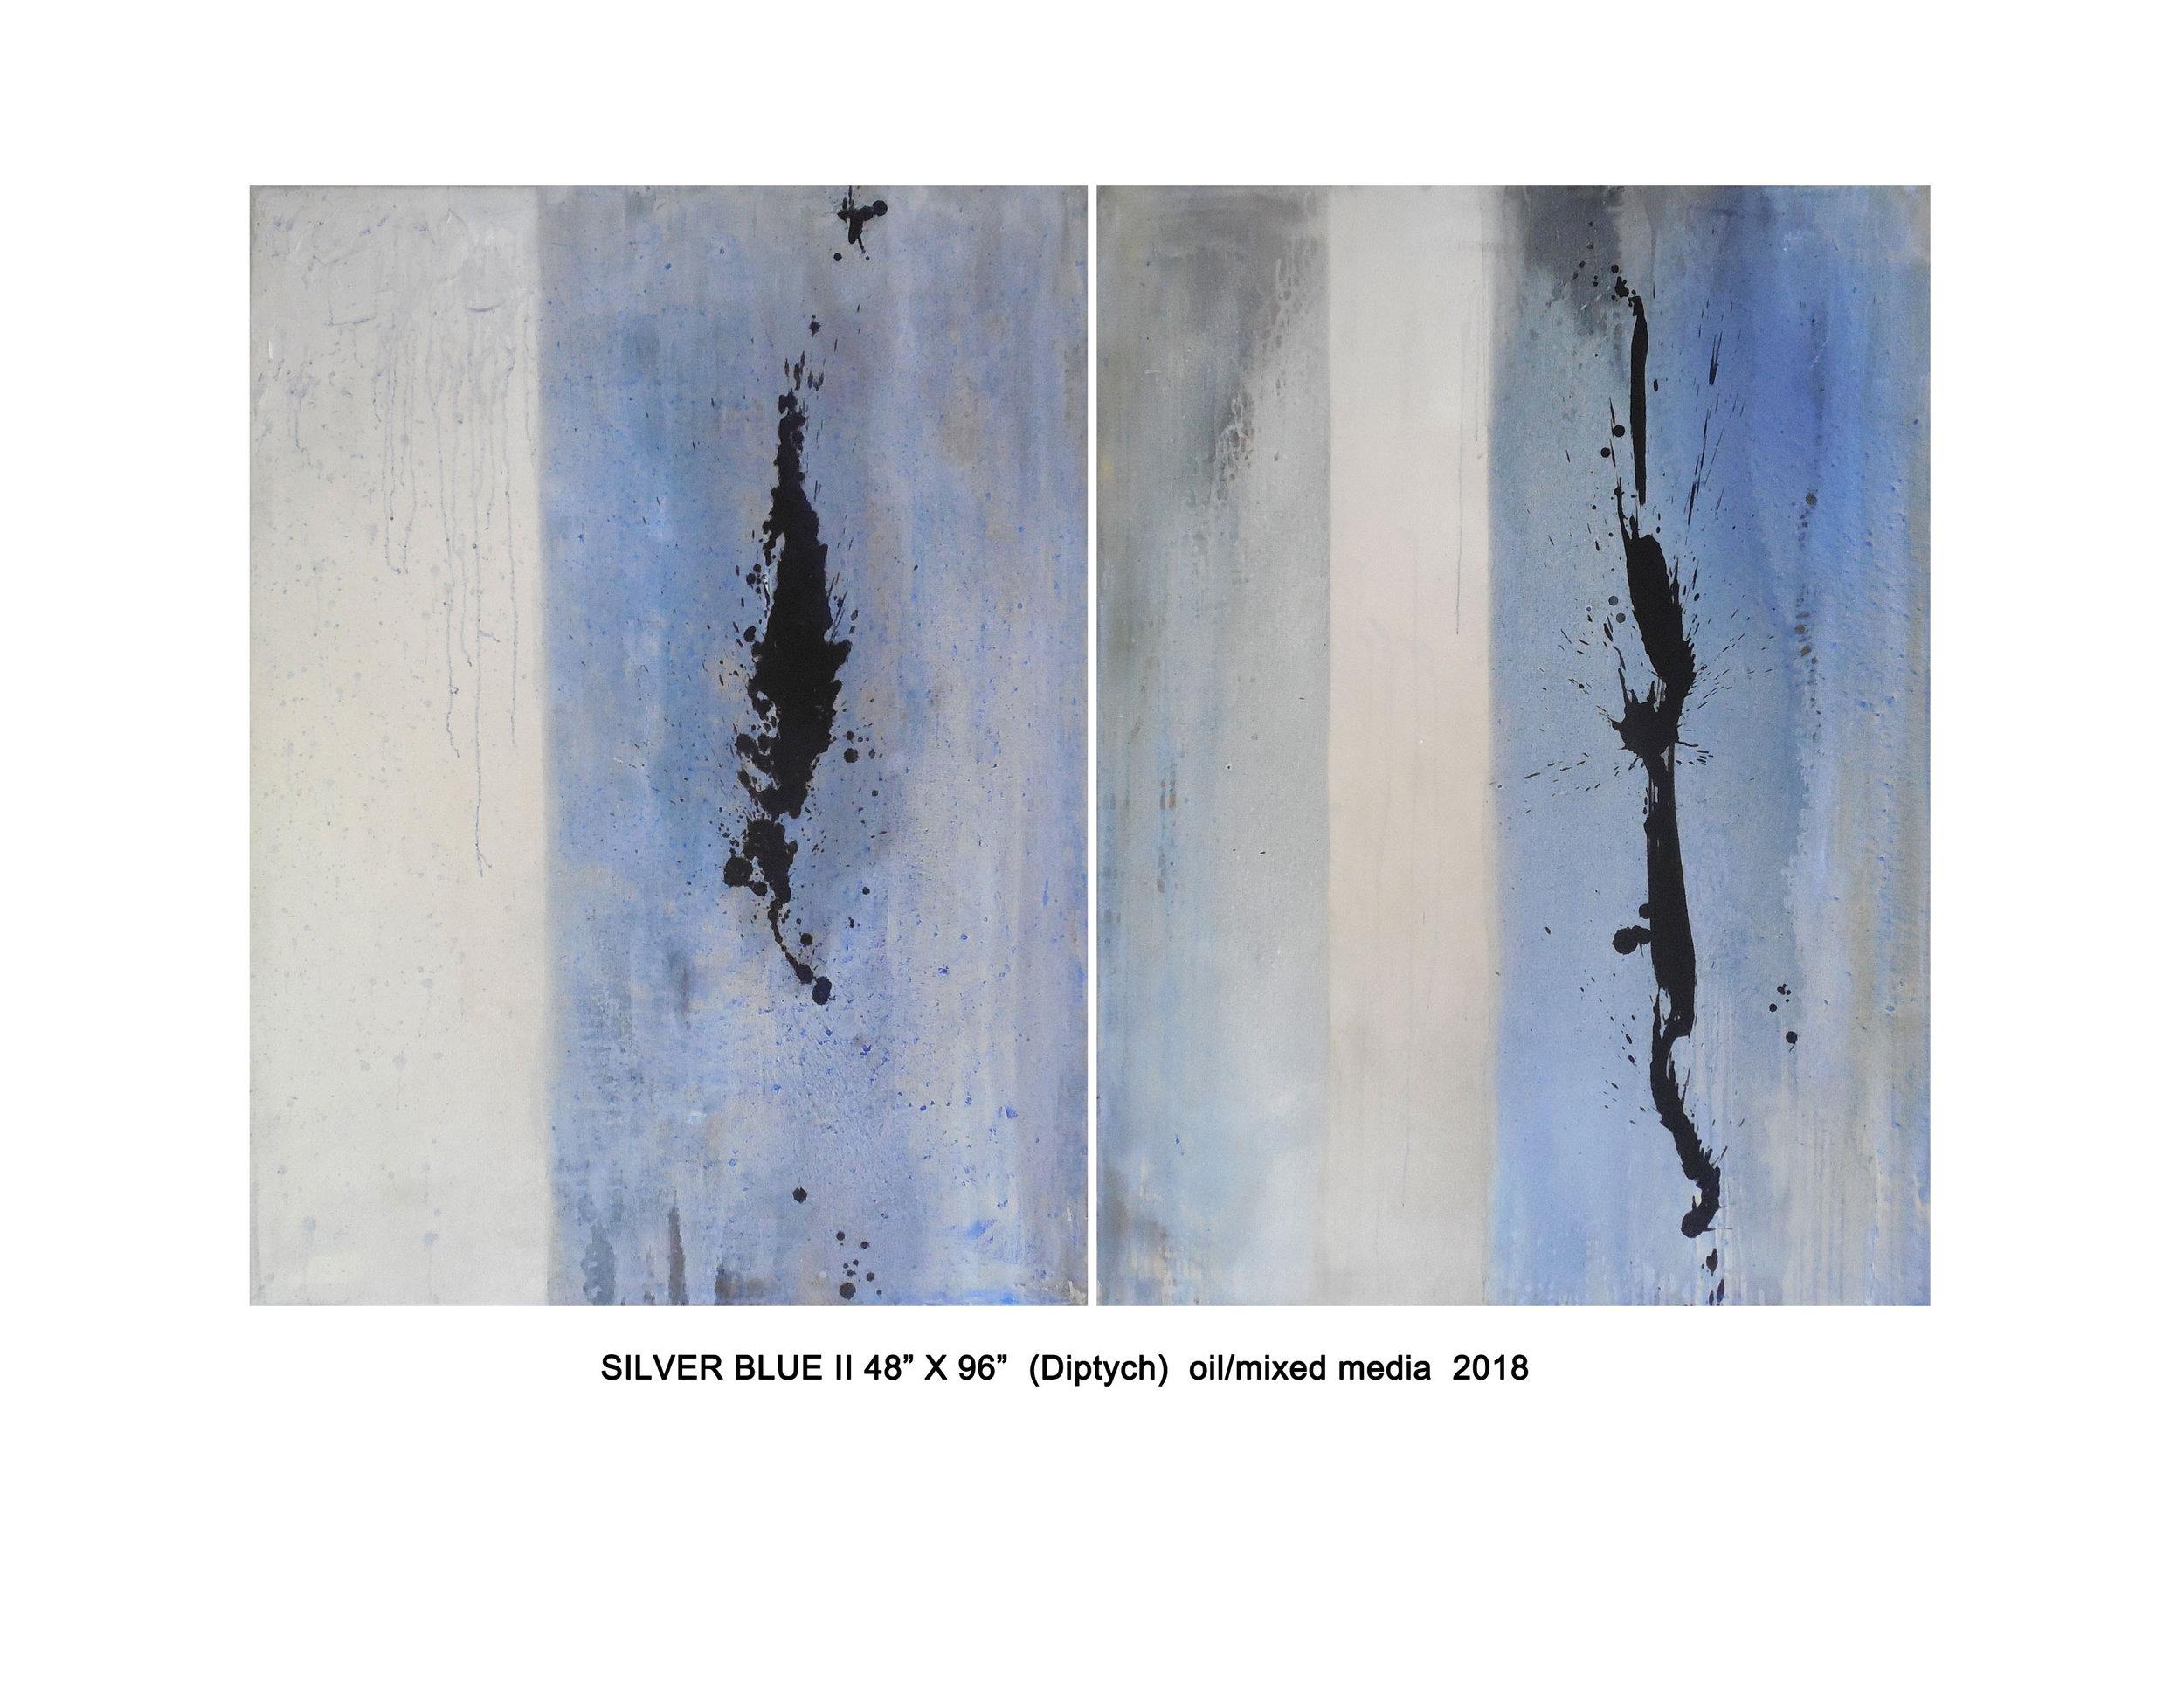 Silver Blue II